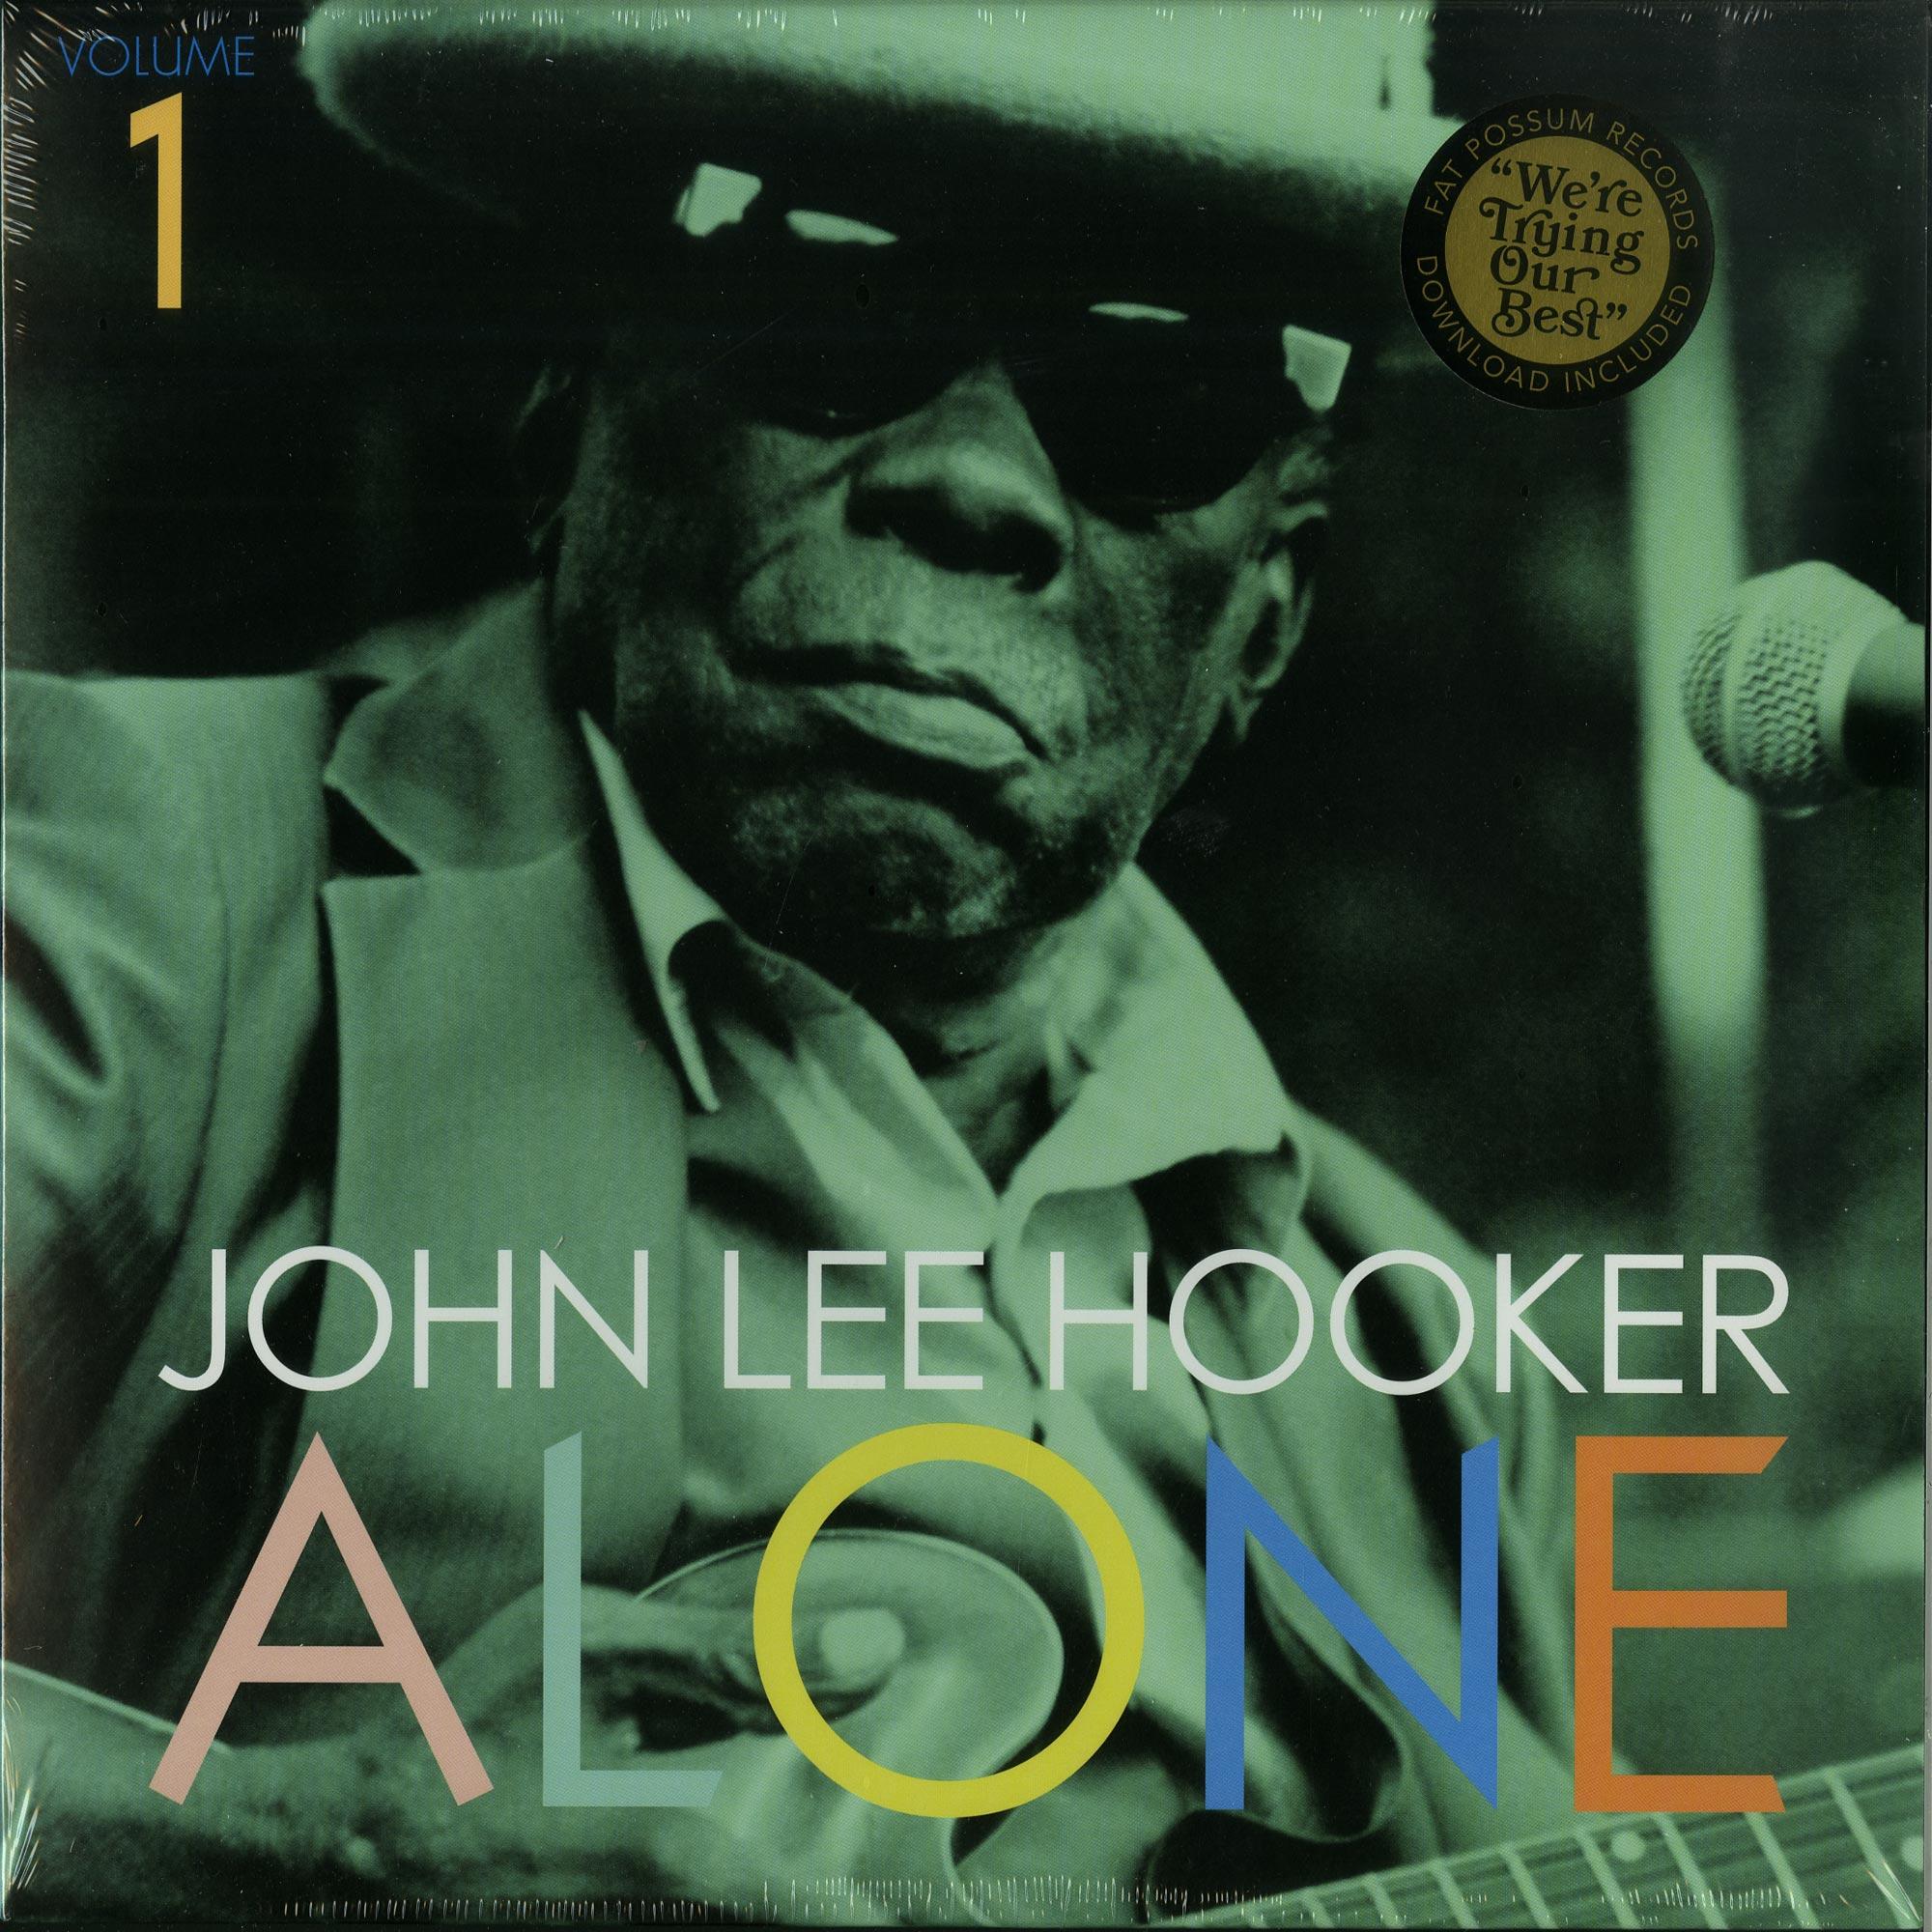 John Lee Hooker - ALONE VOL. 1